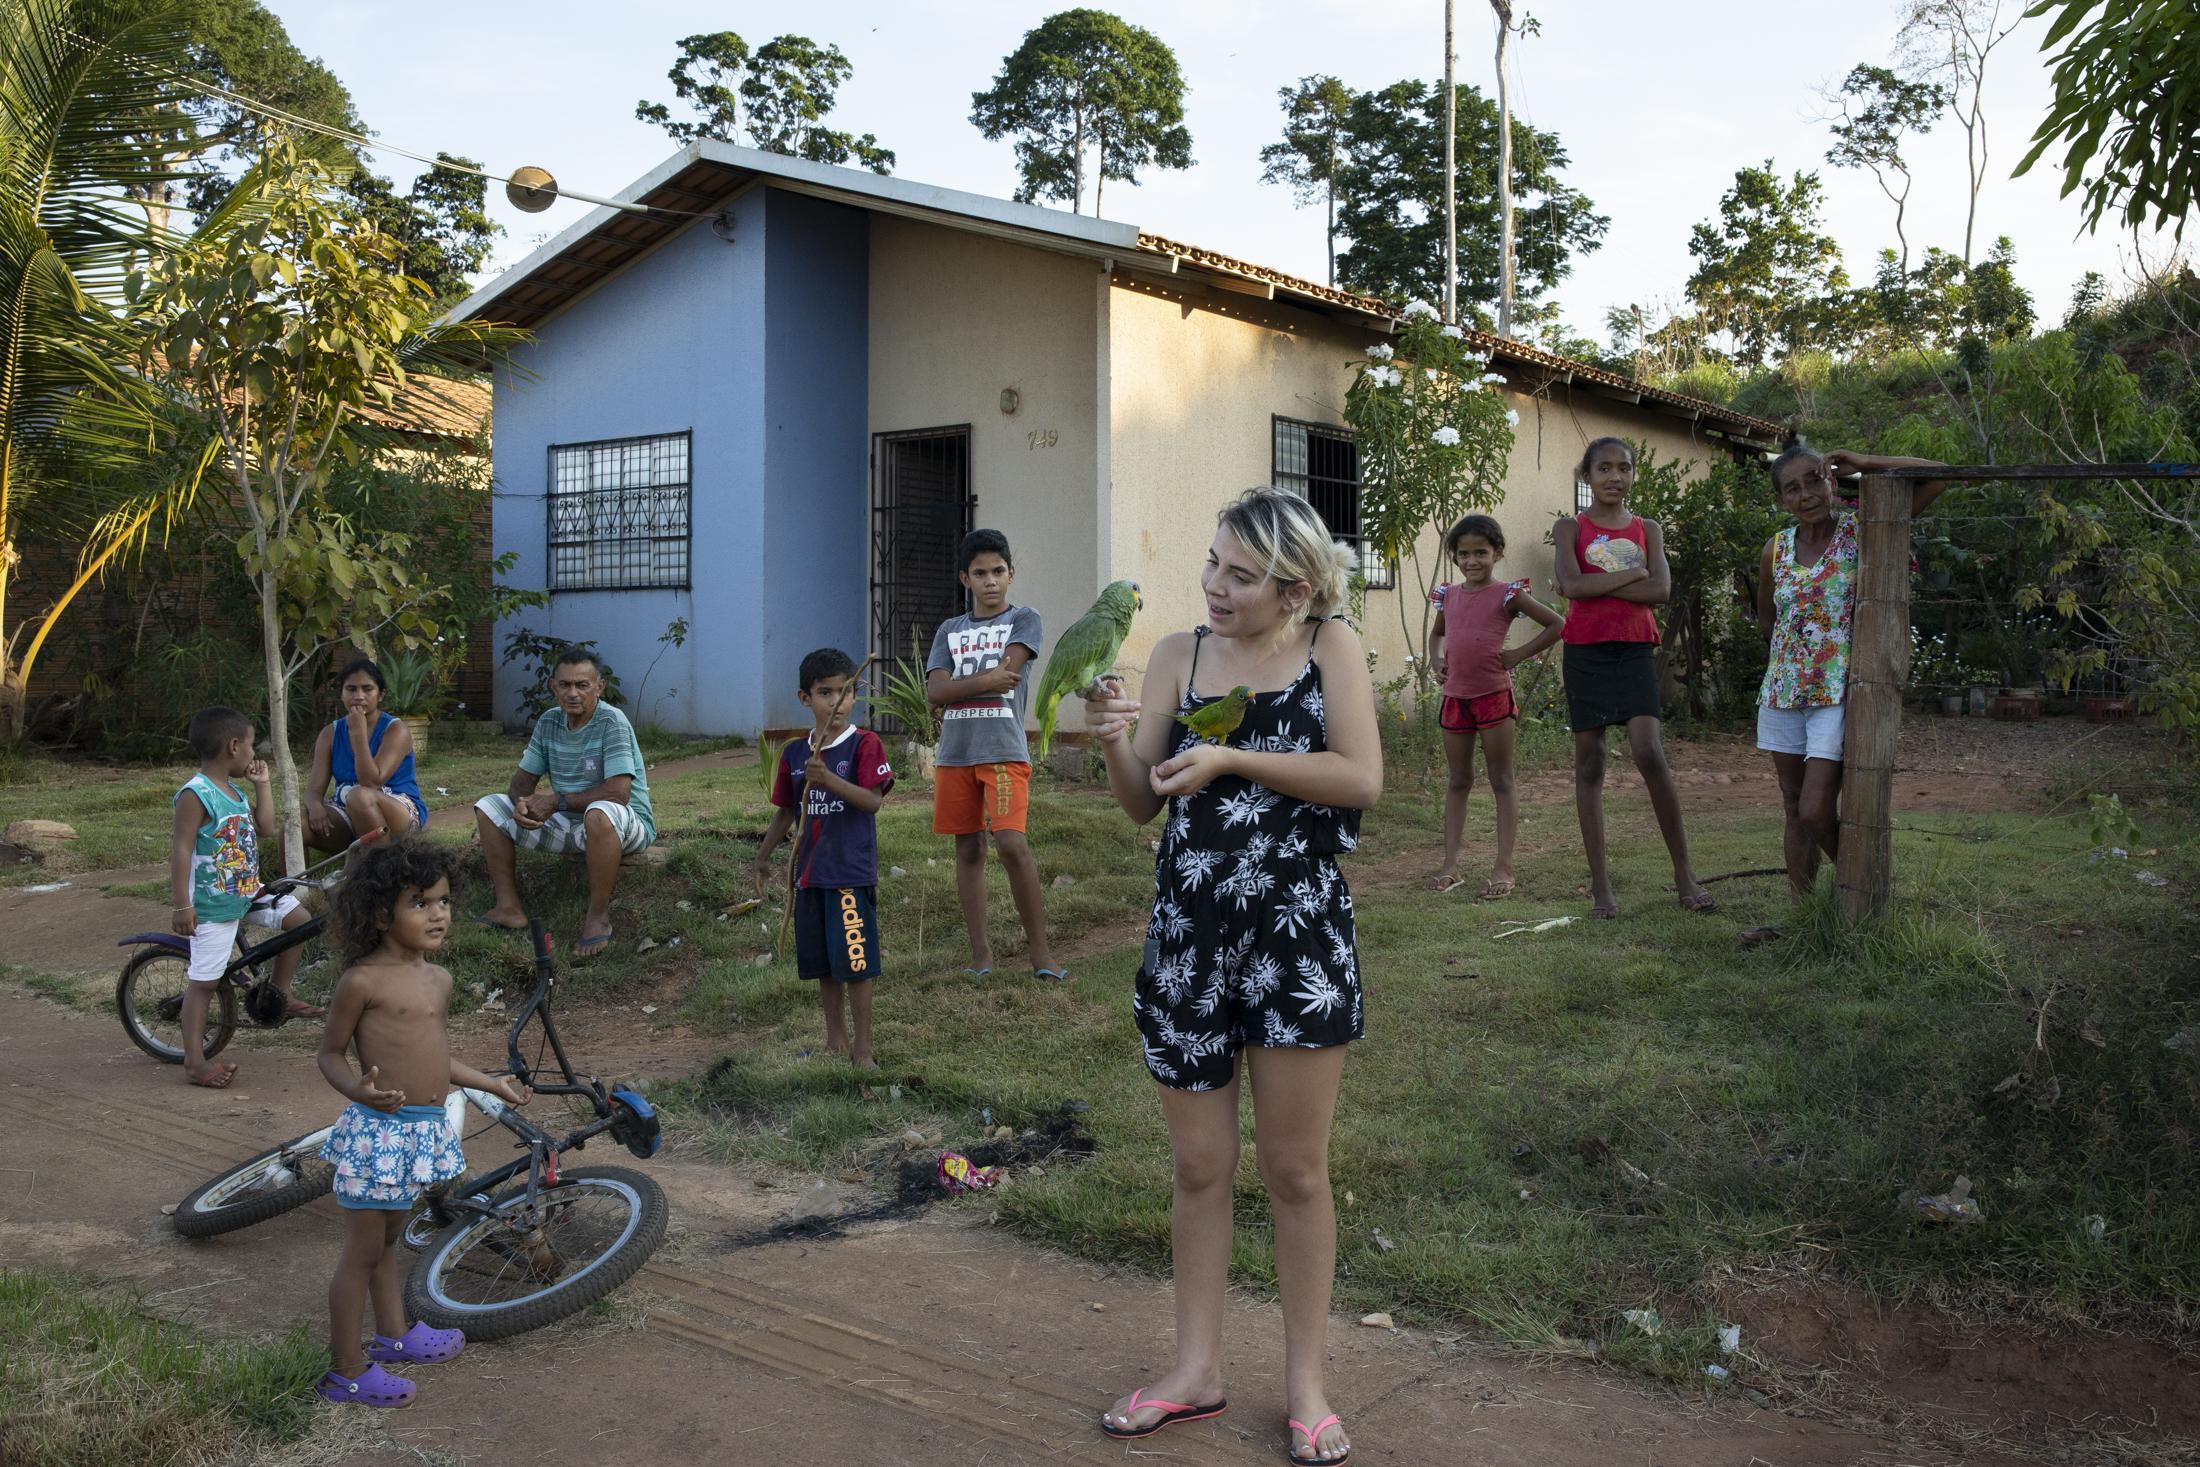 La zone residentielle urbaine RUC Jatoba à Altamira. Les zones residentielles urbaines ont été contruite lors de la construction de l'usine hydroéléctrique Belo Monte pour heberger les populations qui vivaient aux bords du fleuve Xingu, qu'à été innondé par la construction du barrage. Les maisons contruites aux RUCS sont prouvés etre de très mauvaise qualité en plus d'etre situé à plusieurs quilometres du bord des l'eau, en contracdition complète au style de vie de la population locale. Les RUCs sont aussi des zones de grande violence car les grandes gangues de trafique de drogue y cooptent leur trafficants.